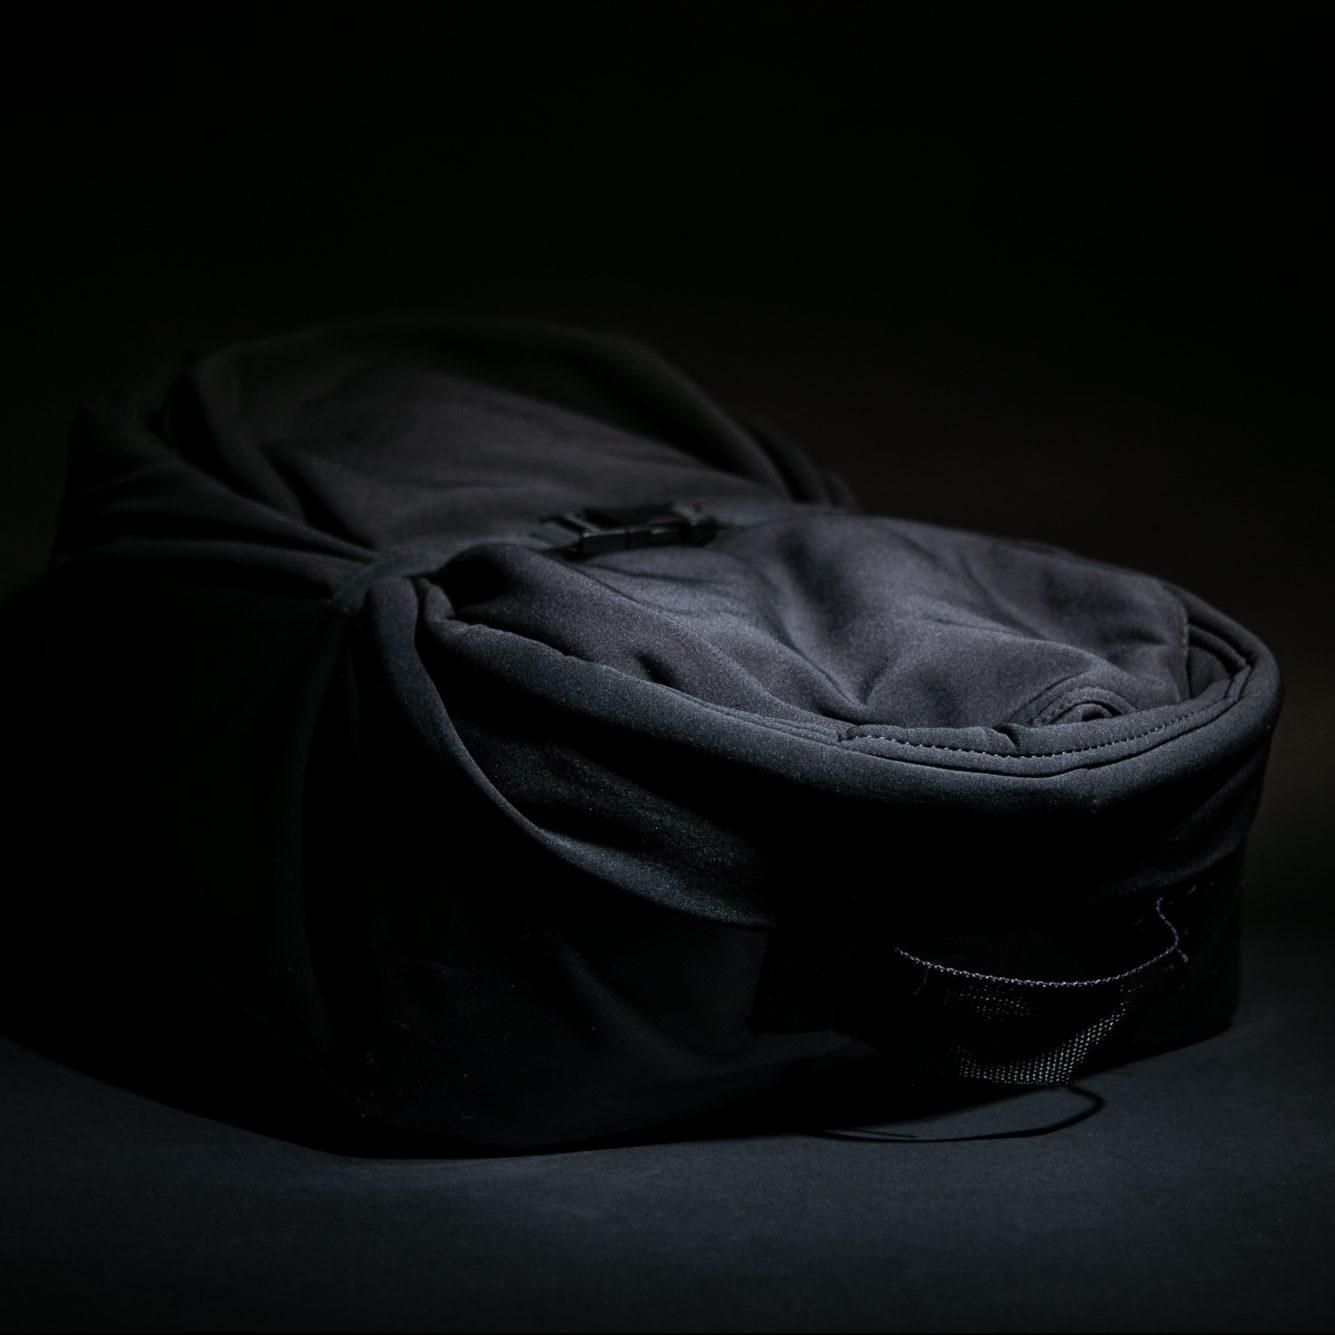 Calor Professional Bag